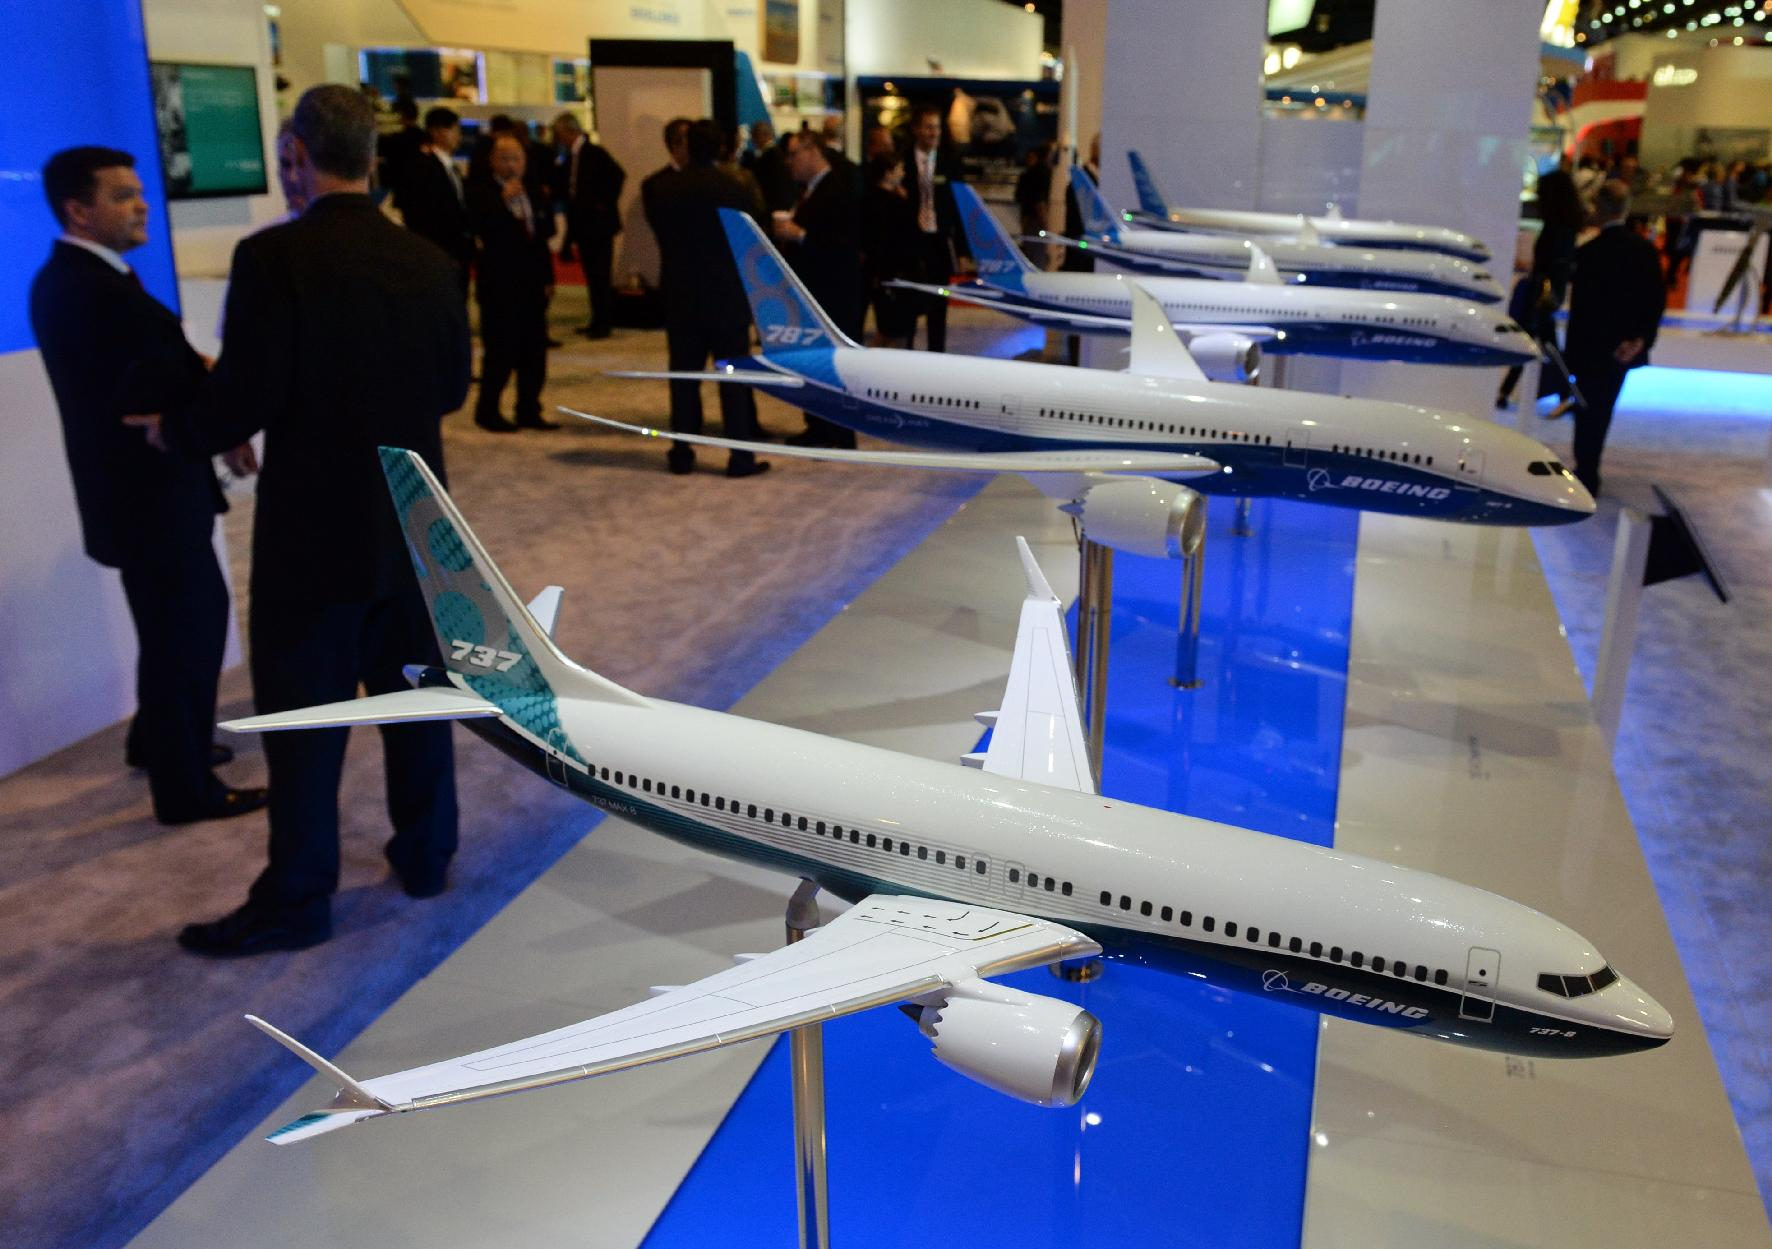 Wi-Fi worries prompt Boeing cockpit display change